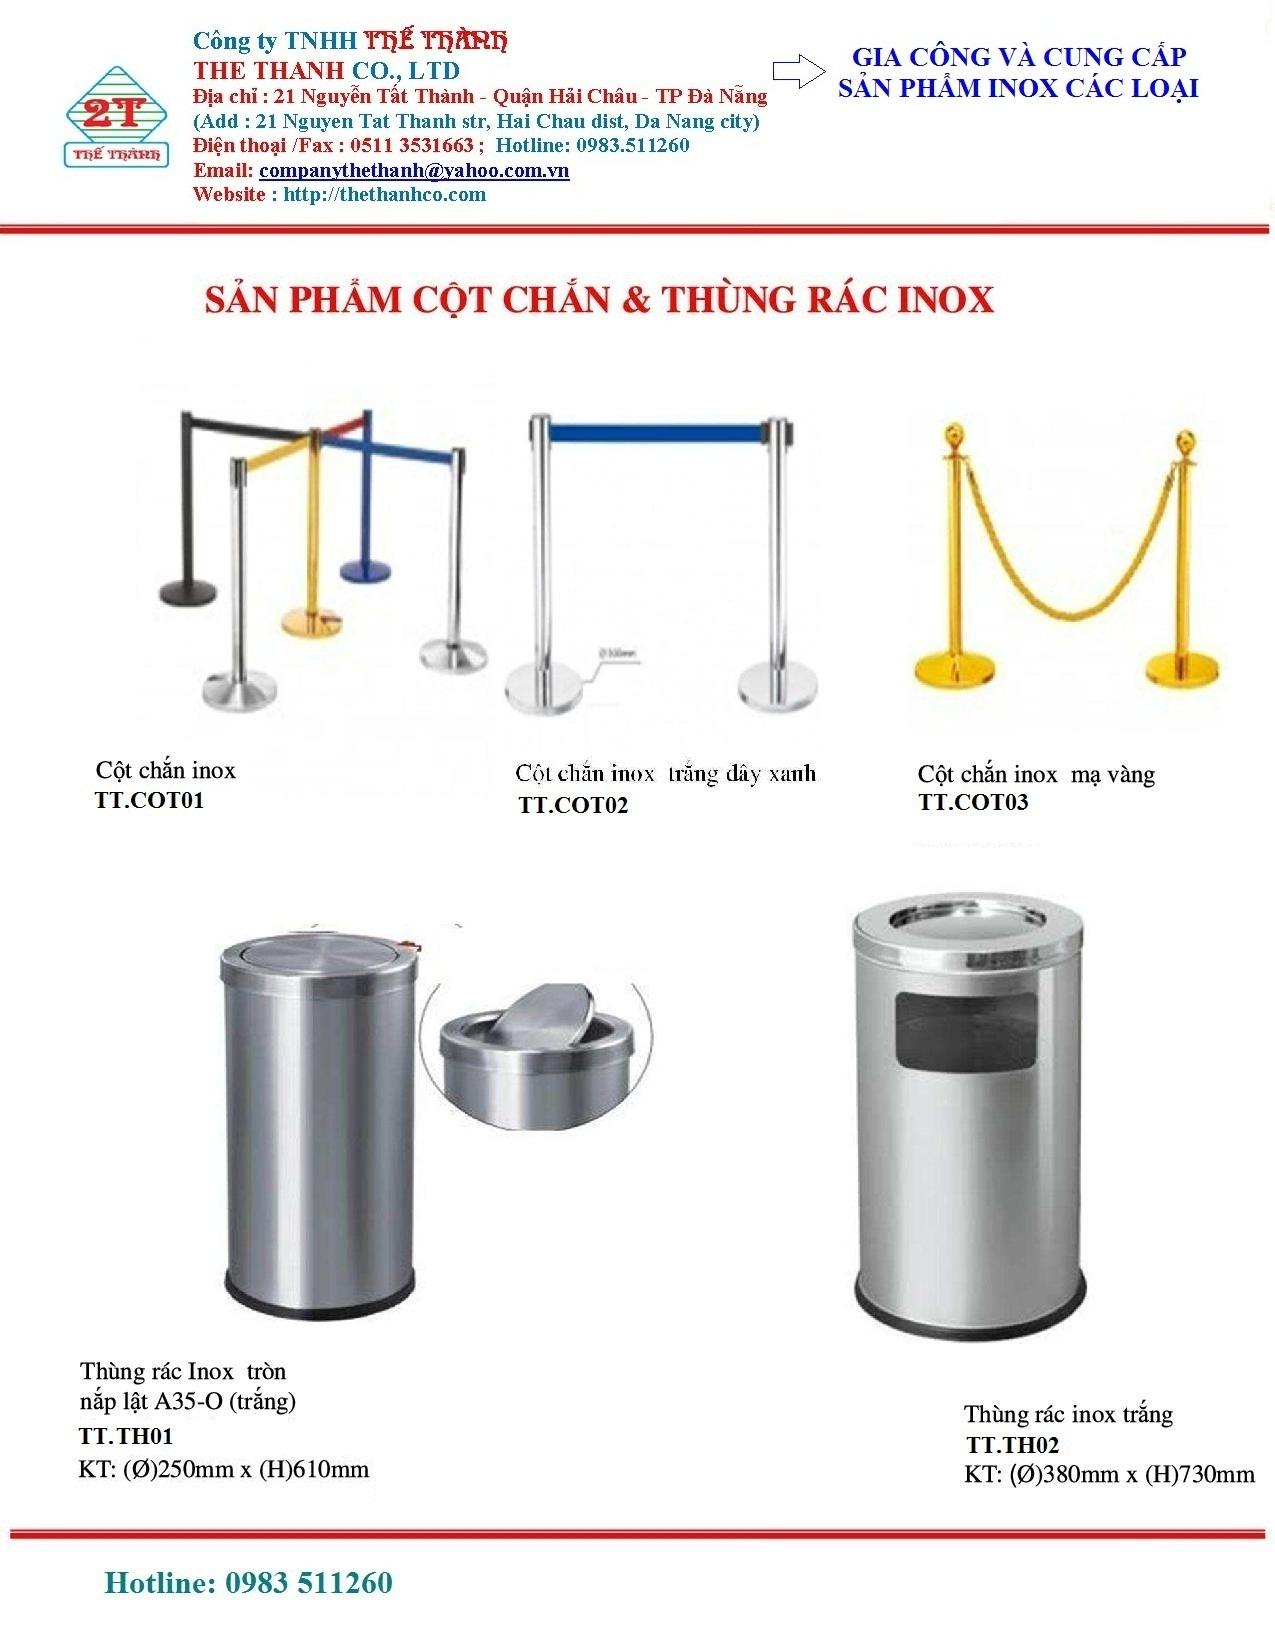 Các sản phẩm Inox khác